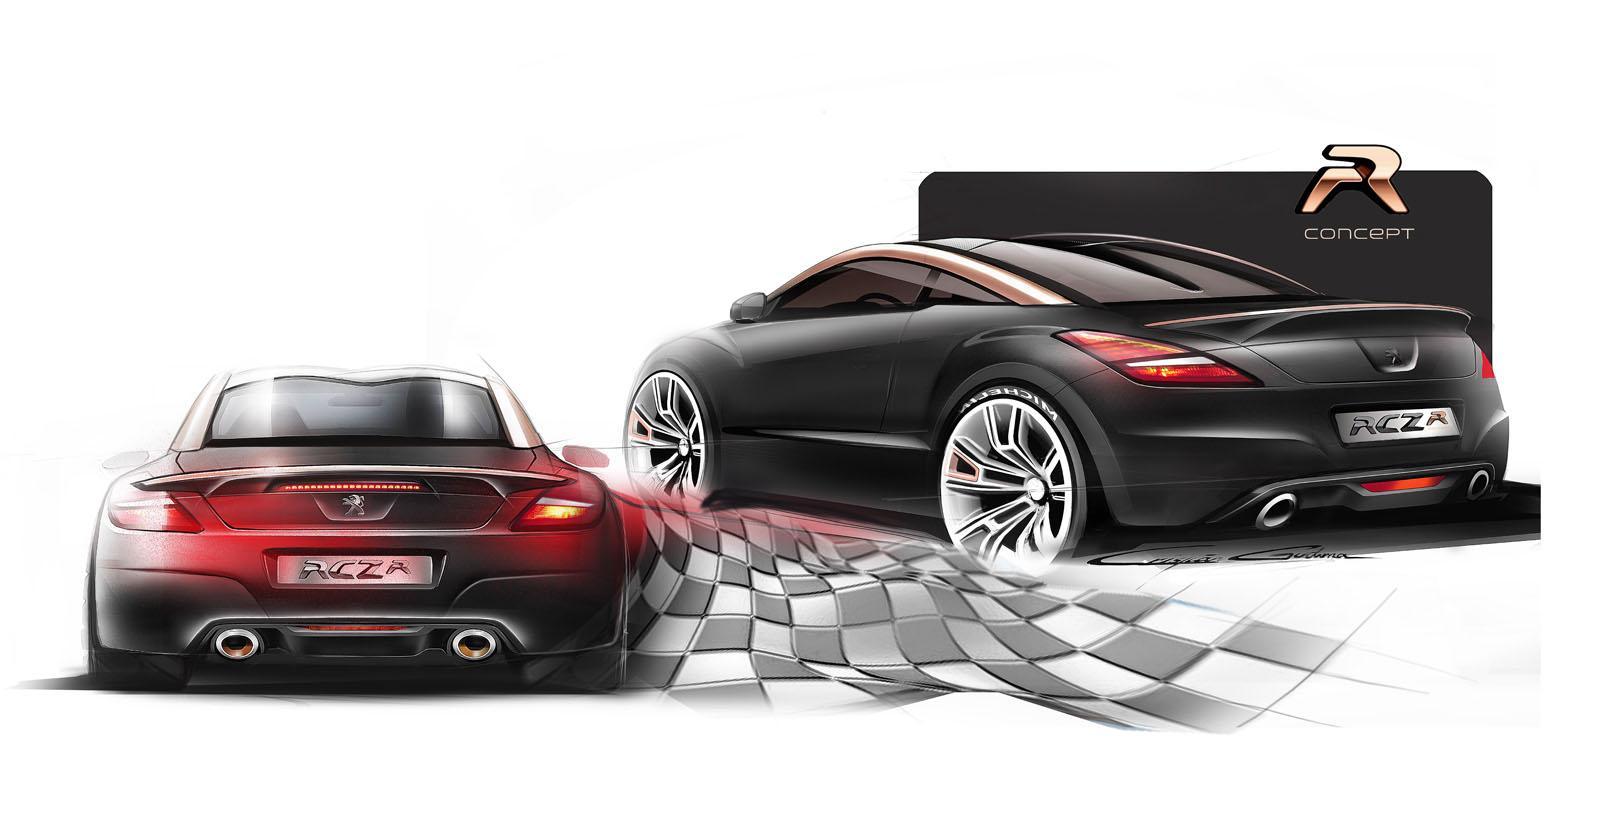 peugeot cars news rcz r debut at goodwood. Black Bedroom Furniture Sets. Home Design Ideas